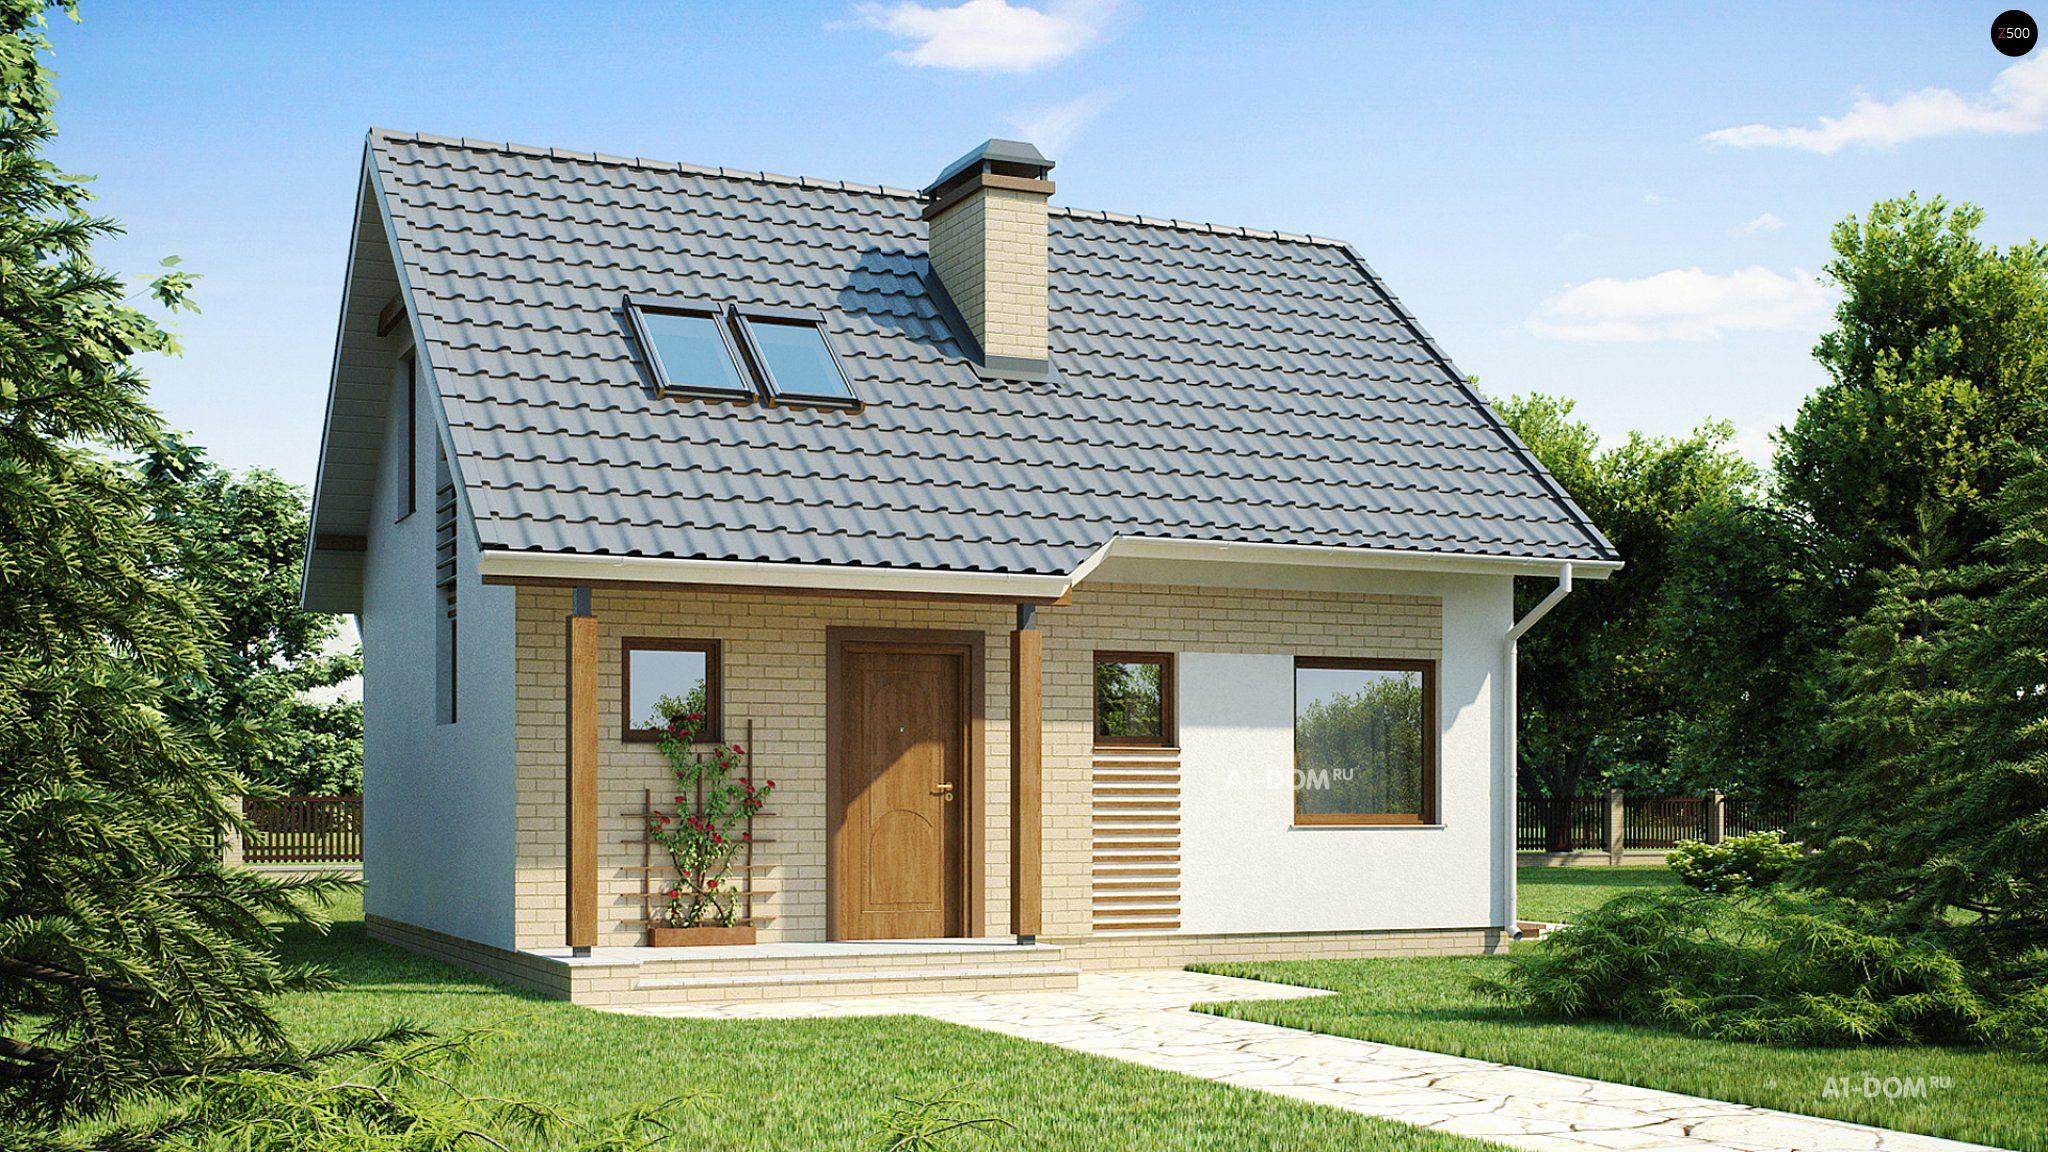 Проекты домов и проекты коттеджей в Украине - DOM4M